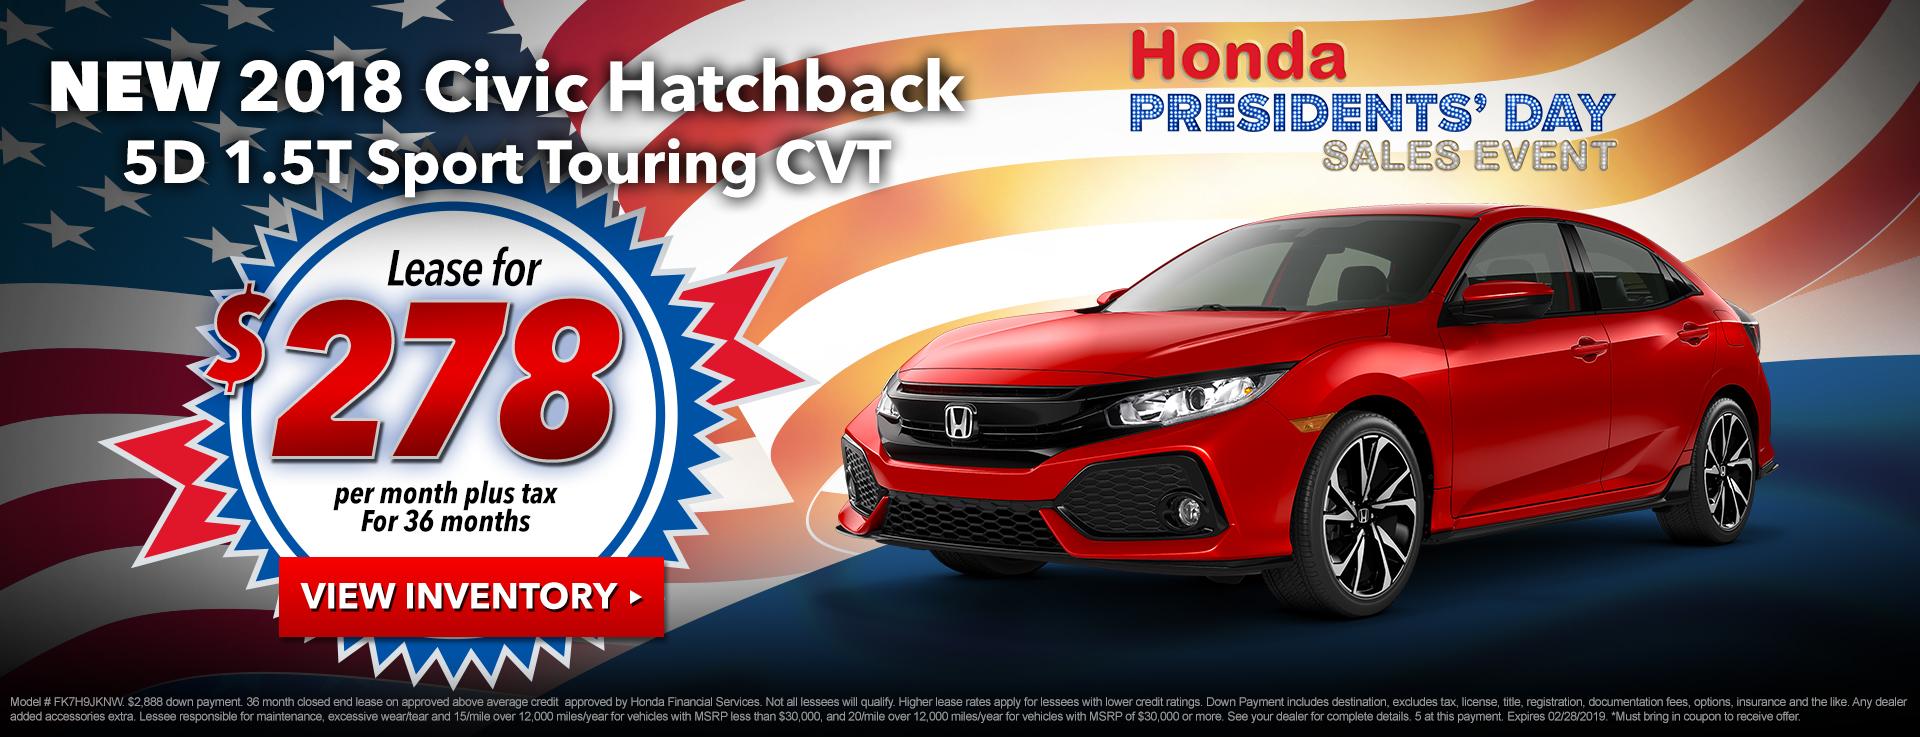 Civic Hatchback $278 Lease